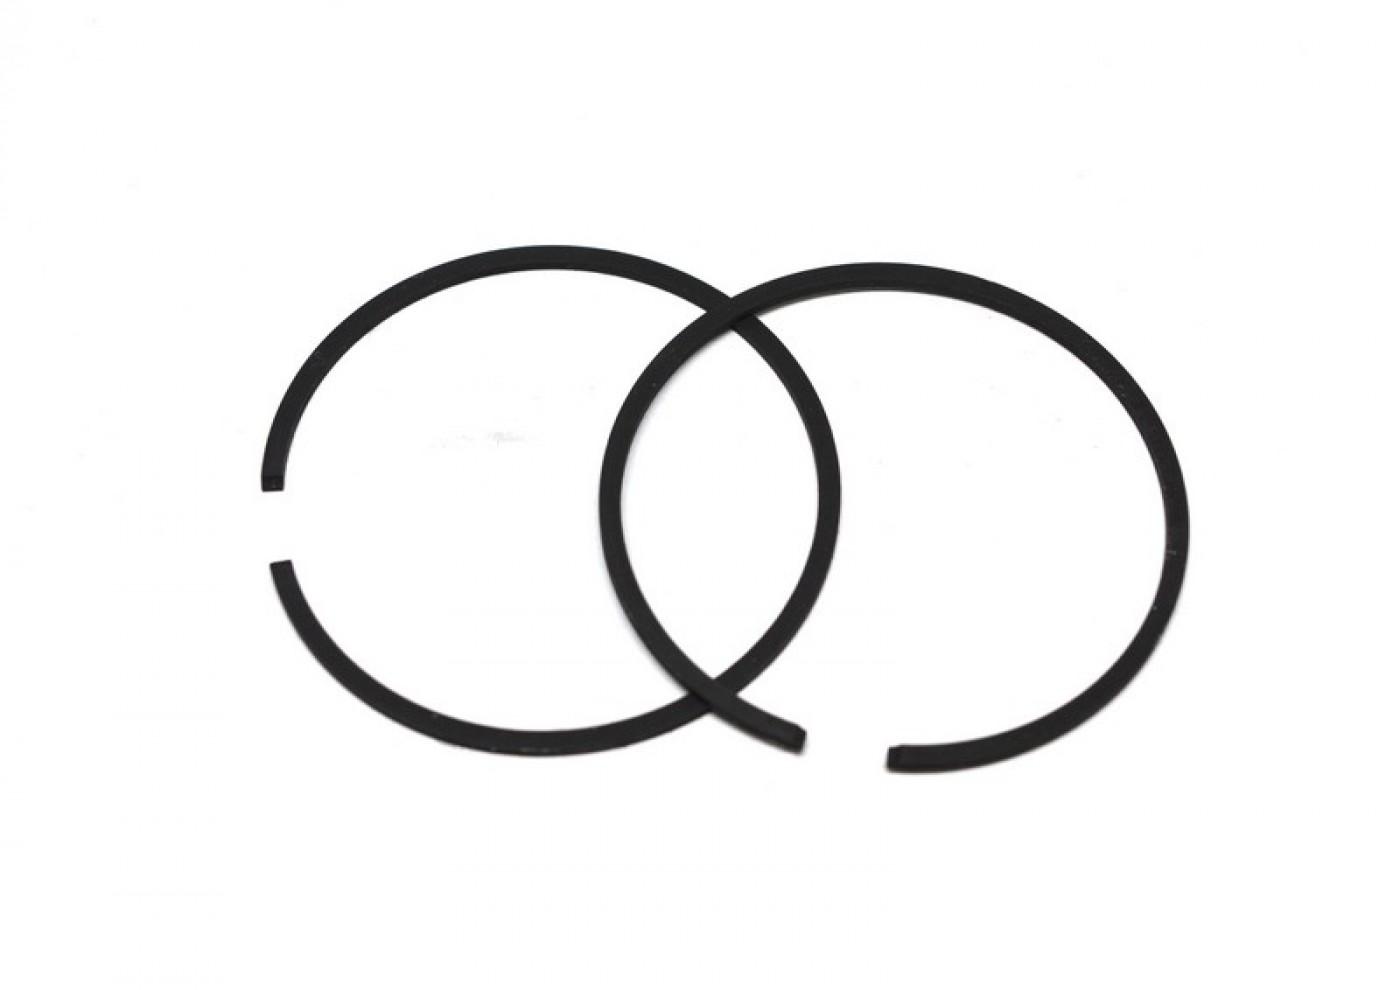 Sada pístních kroužků Stihl 47 mm x 1,2 mm